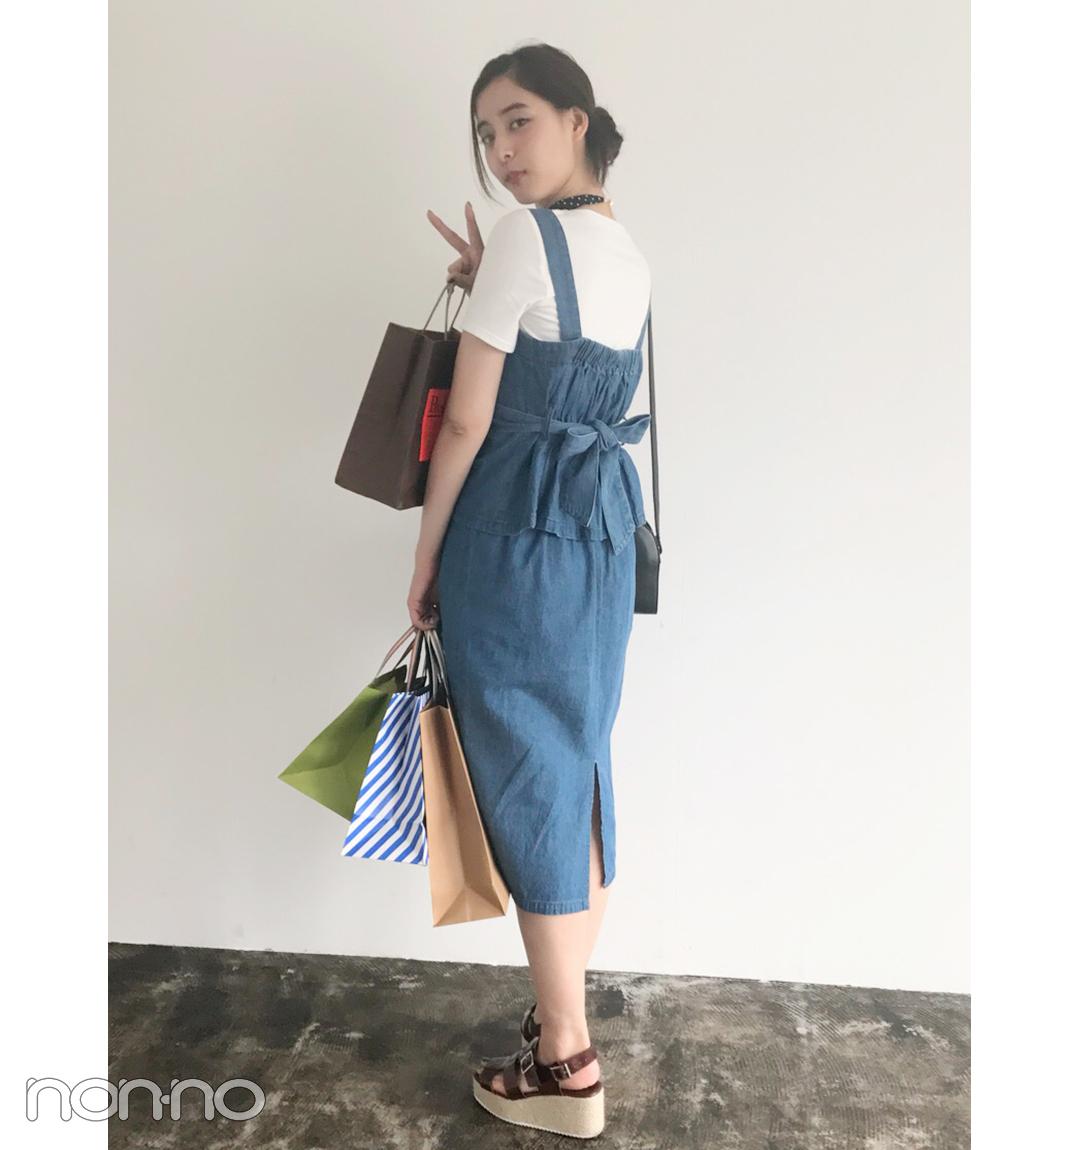 新木優子はコスパ最高のデニムセットアップでお出かけコーデ!【毎日コーデ】_1_1